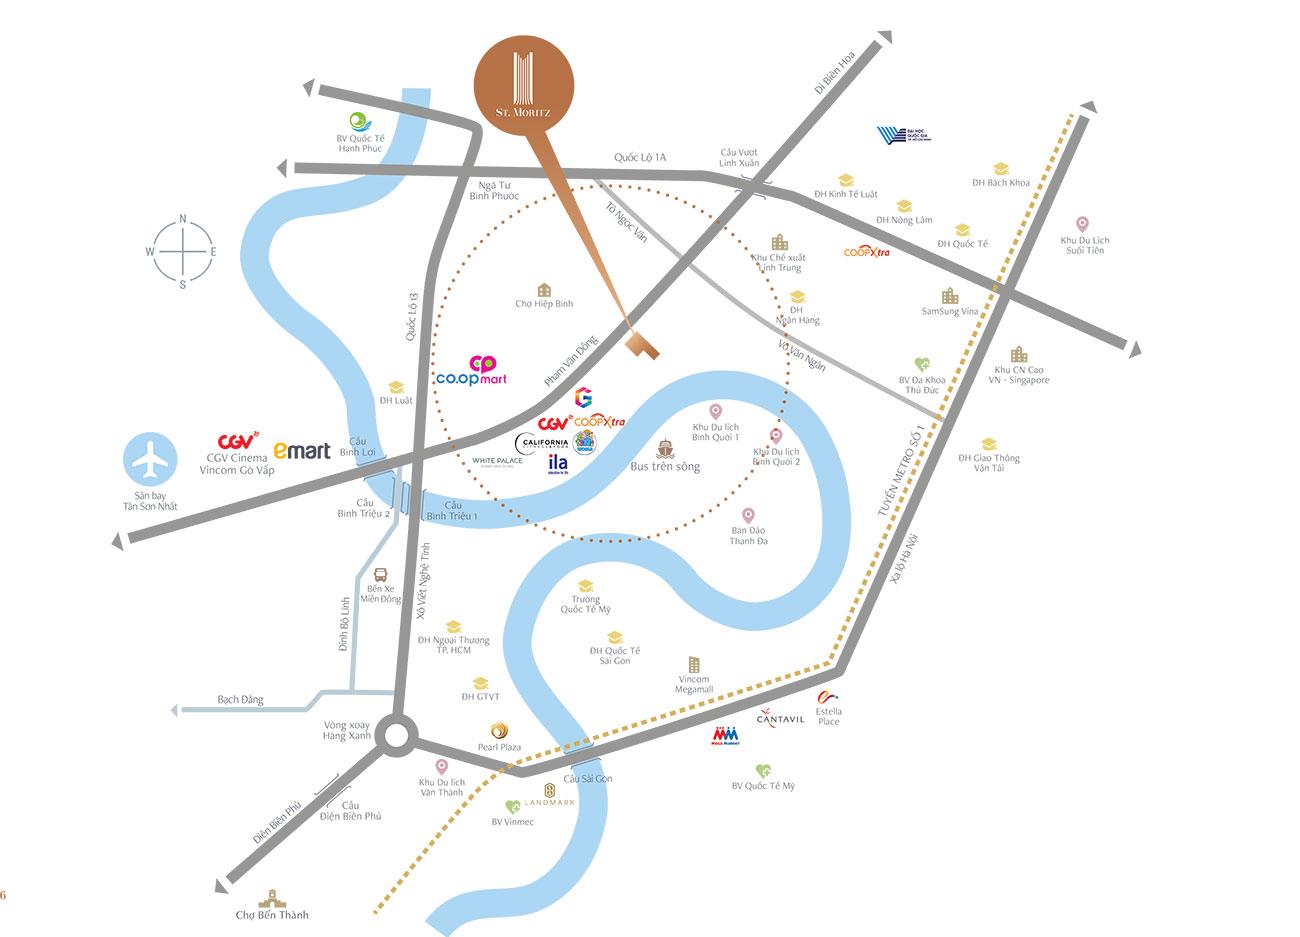 Vị trí địa chỉ dự án căn hộ chung cư ST Moritz Thu Duc Đường Phạm Văn Đồng chủ đầu tư Đất Xanh